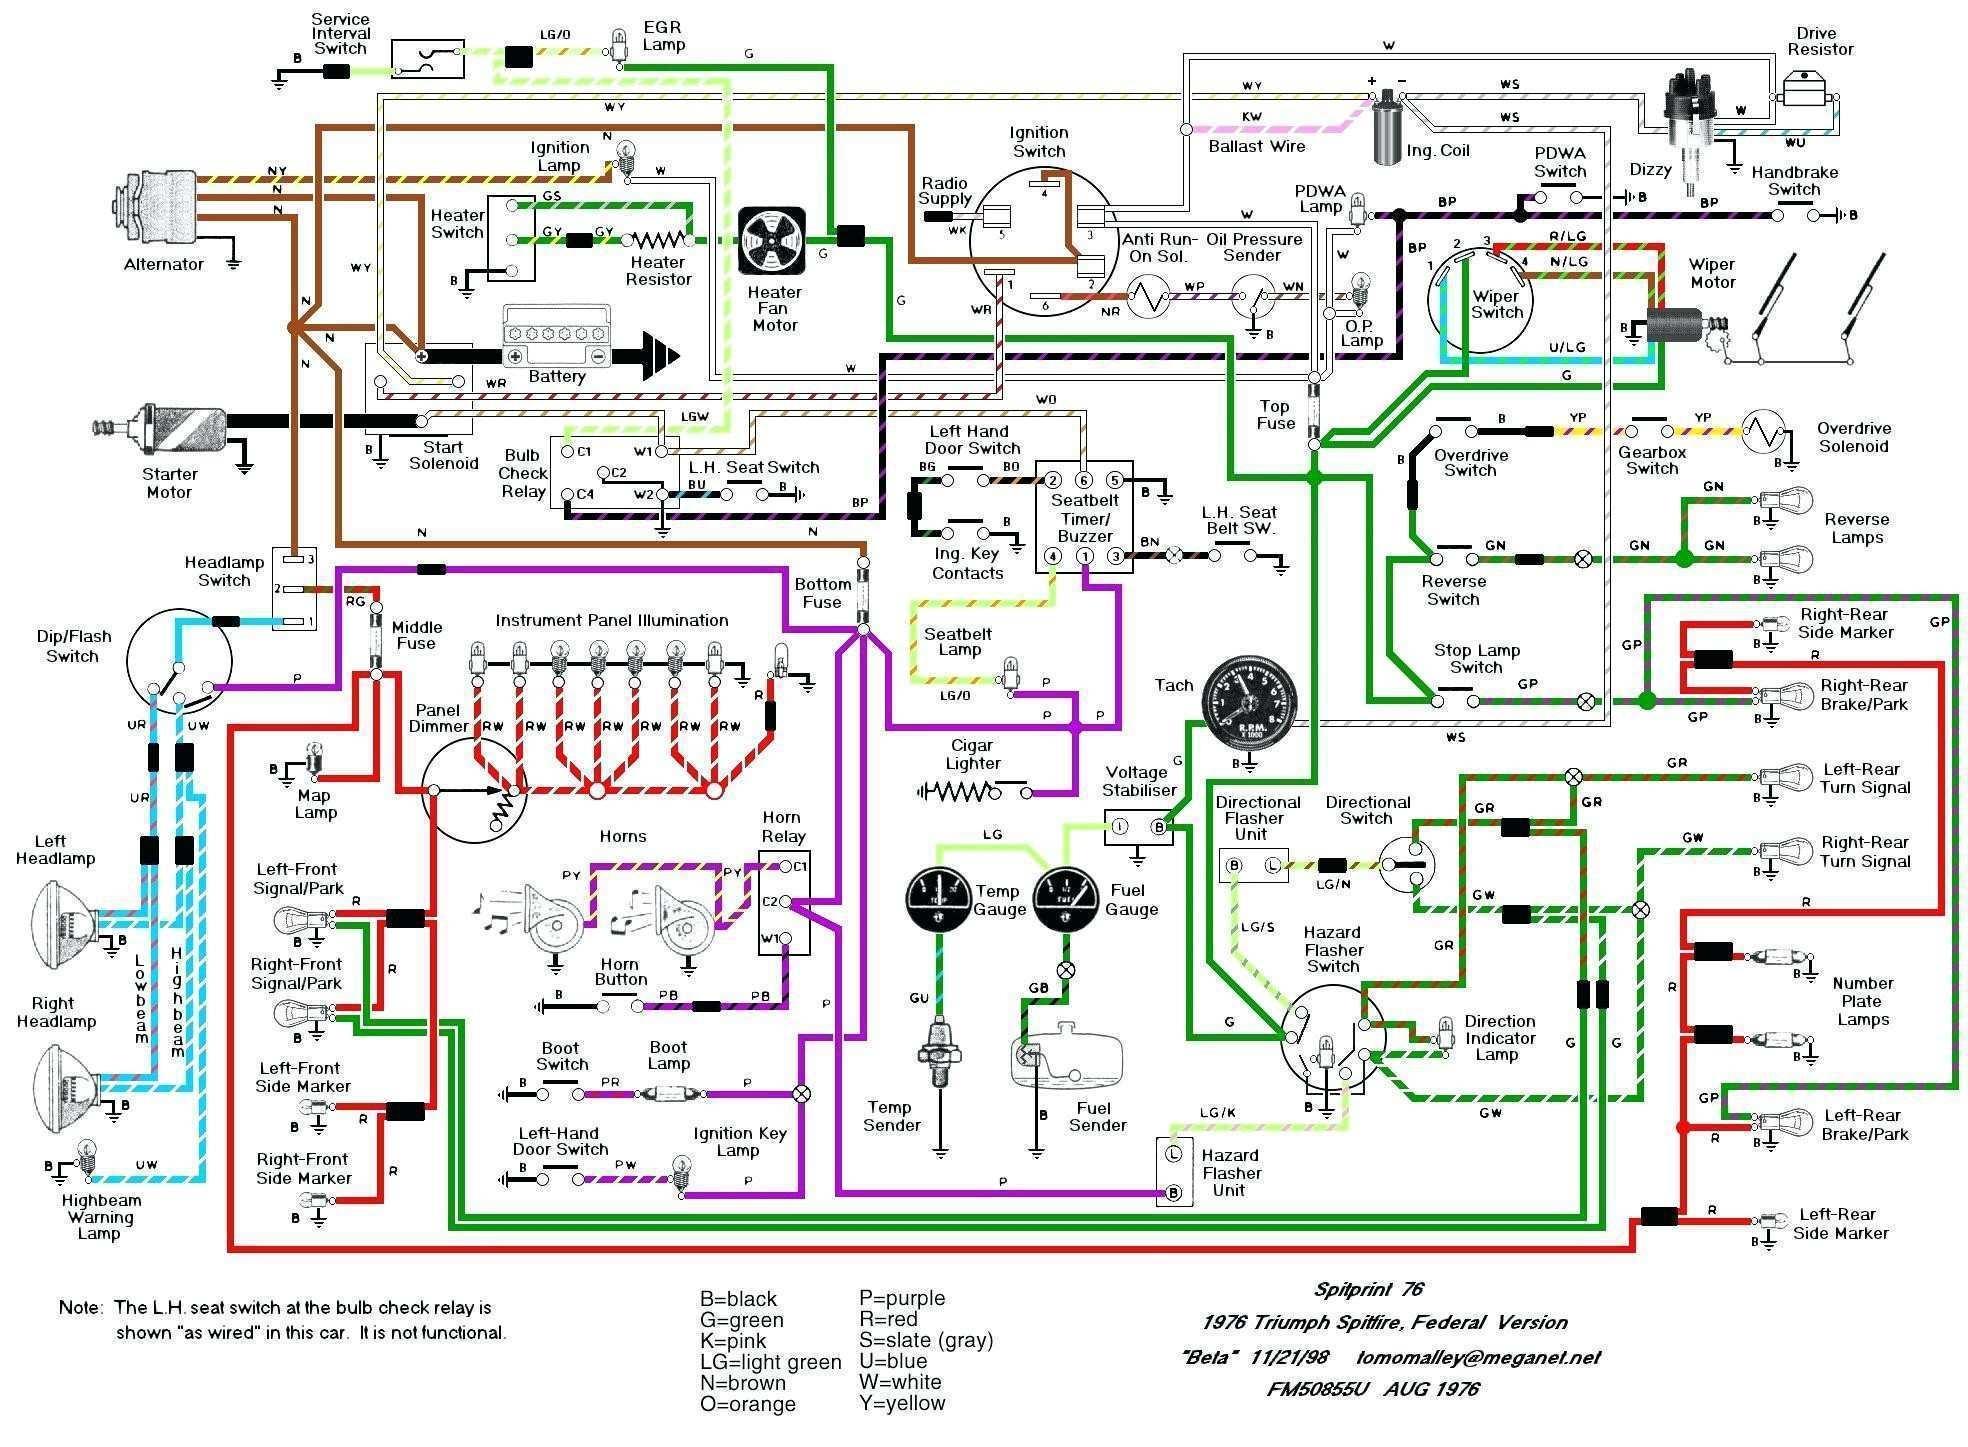 Bluebird School Bus Wiring Diagrams -Kicker 5 Channel Amp Wiring Diagram |  Begeboy Wiring Diagram SourceBegeboy Wiring Diagram Source